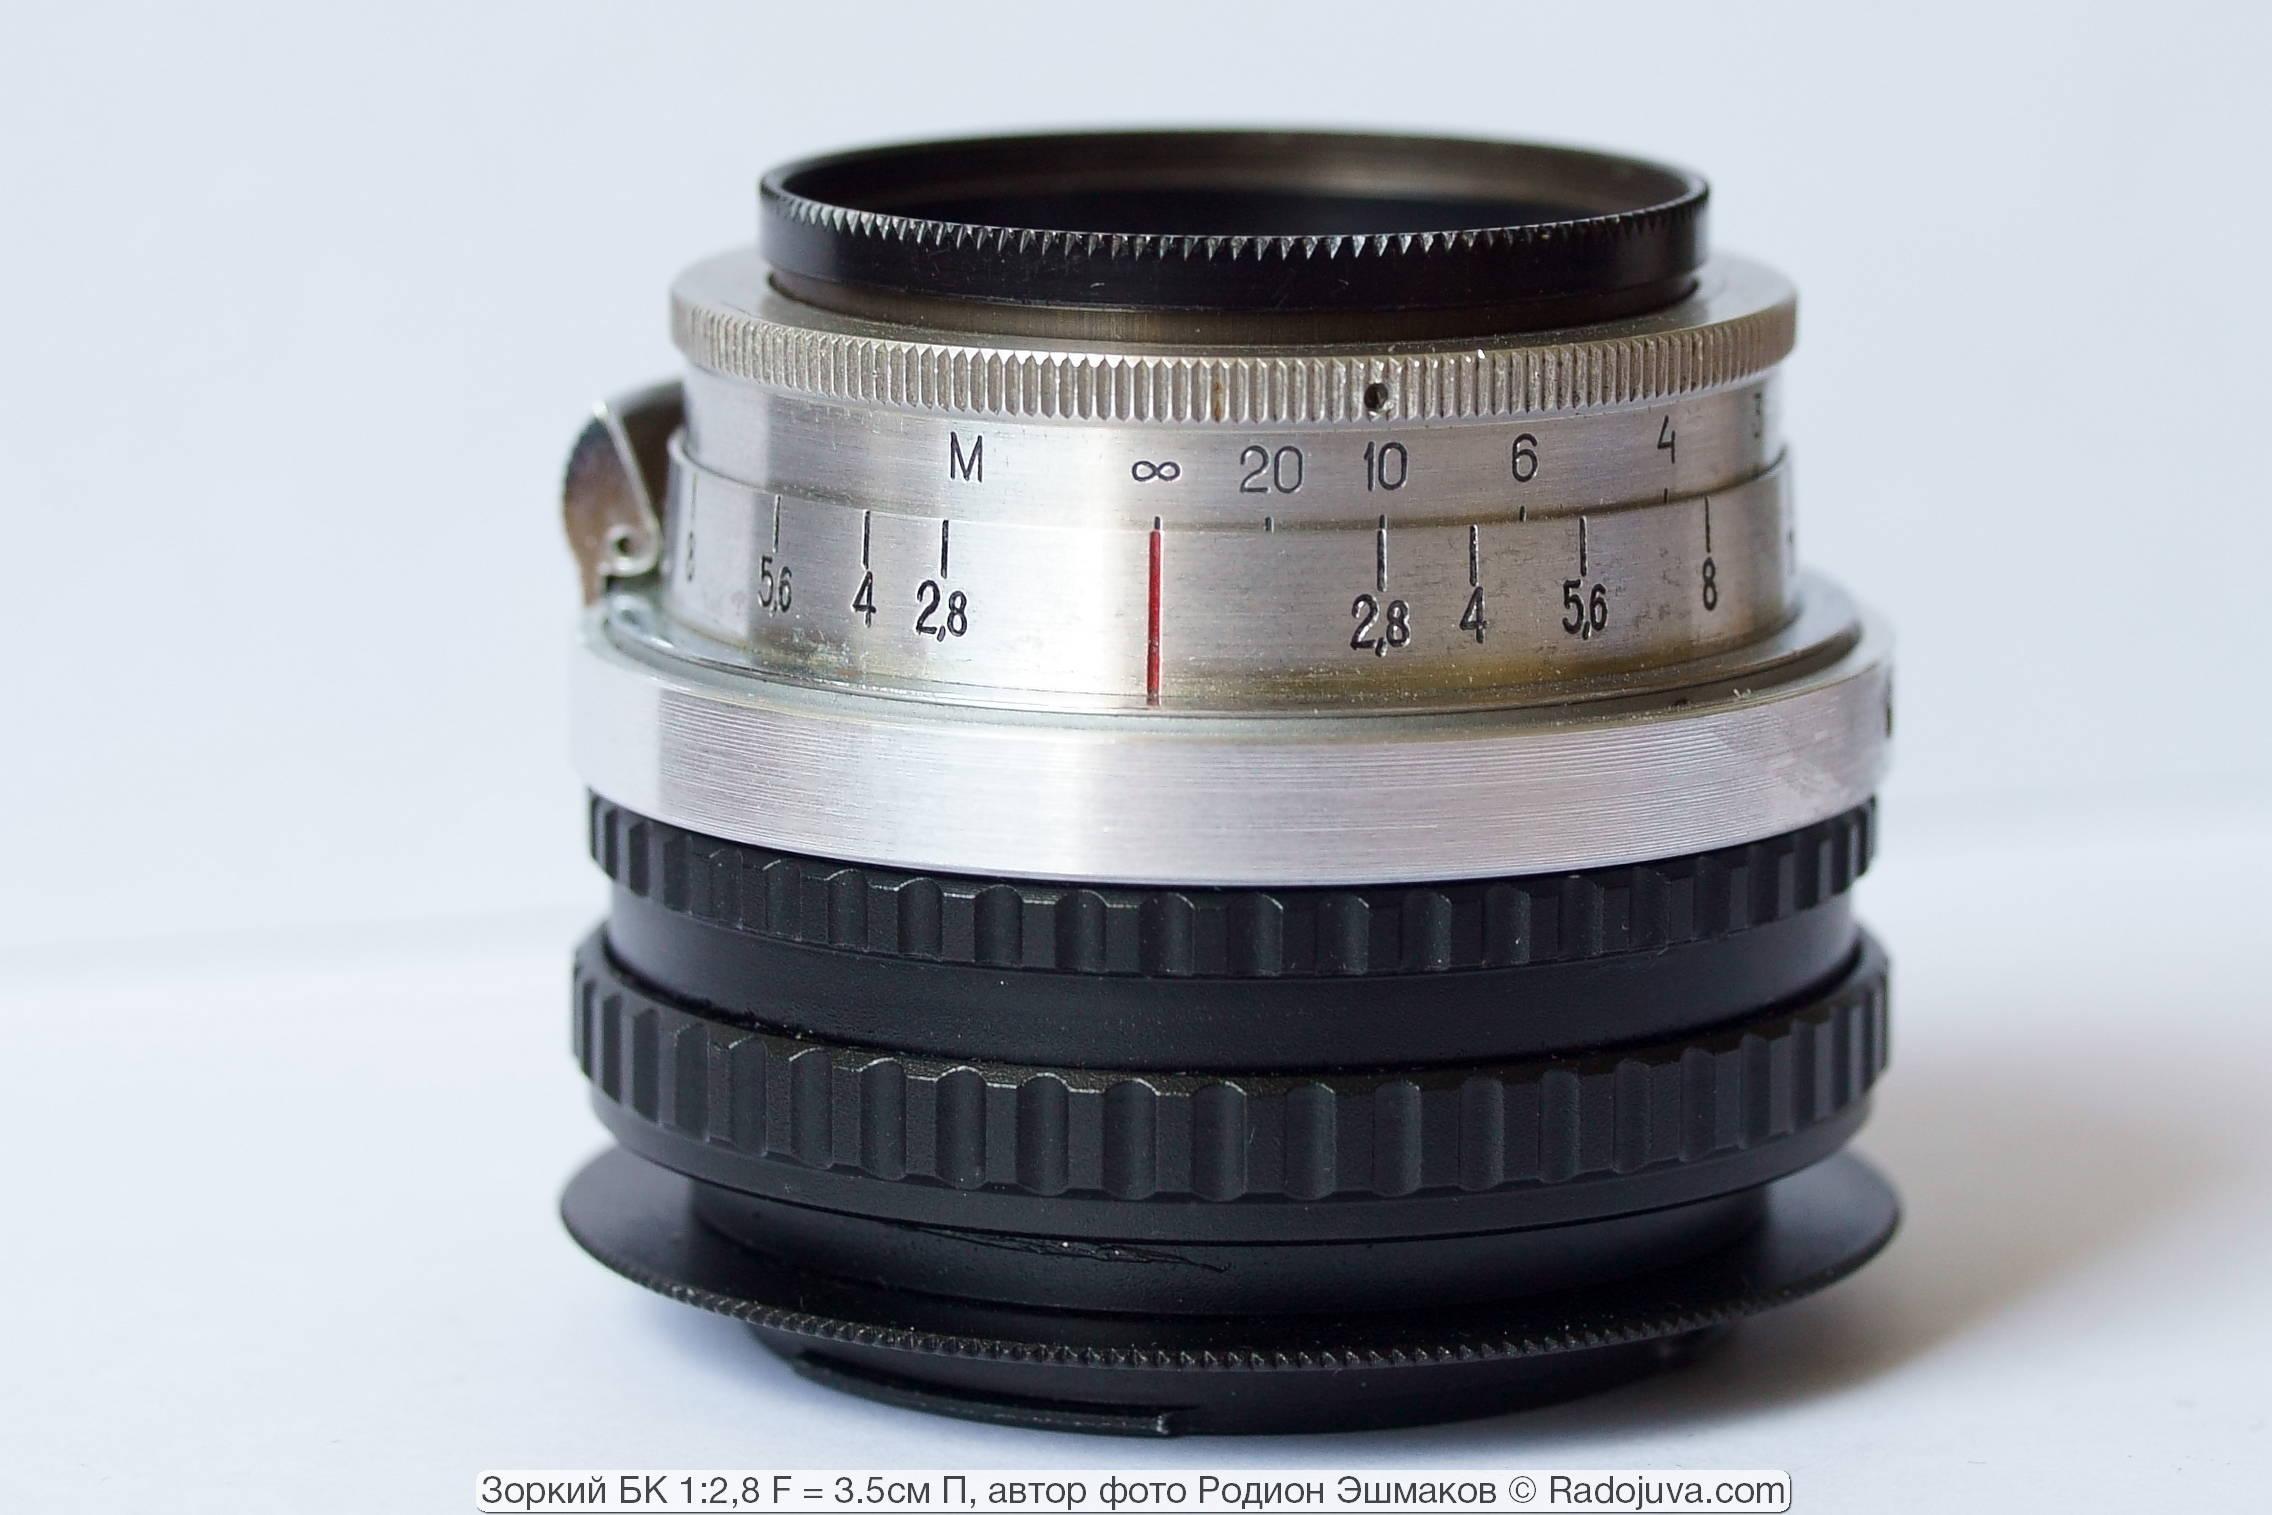 Зоркий БК с новым хвостовиком, надетым поверх родного; в макрогеликоиде 12-17 мм с байонетом Sony E.